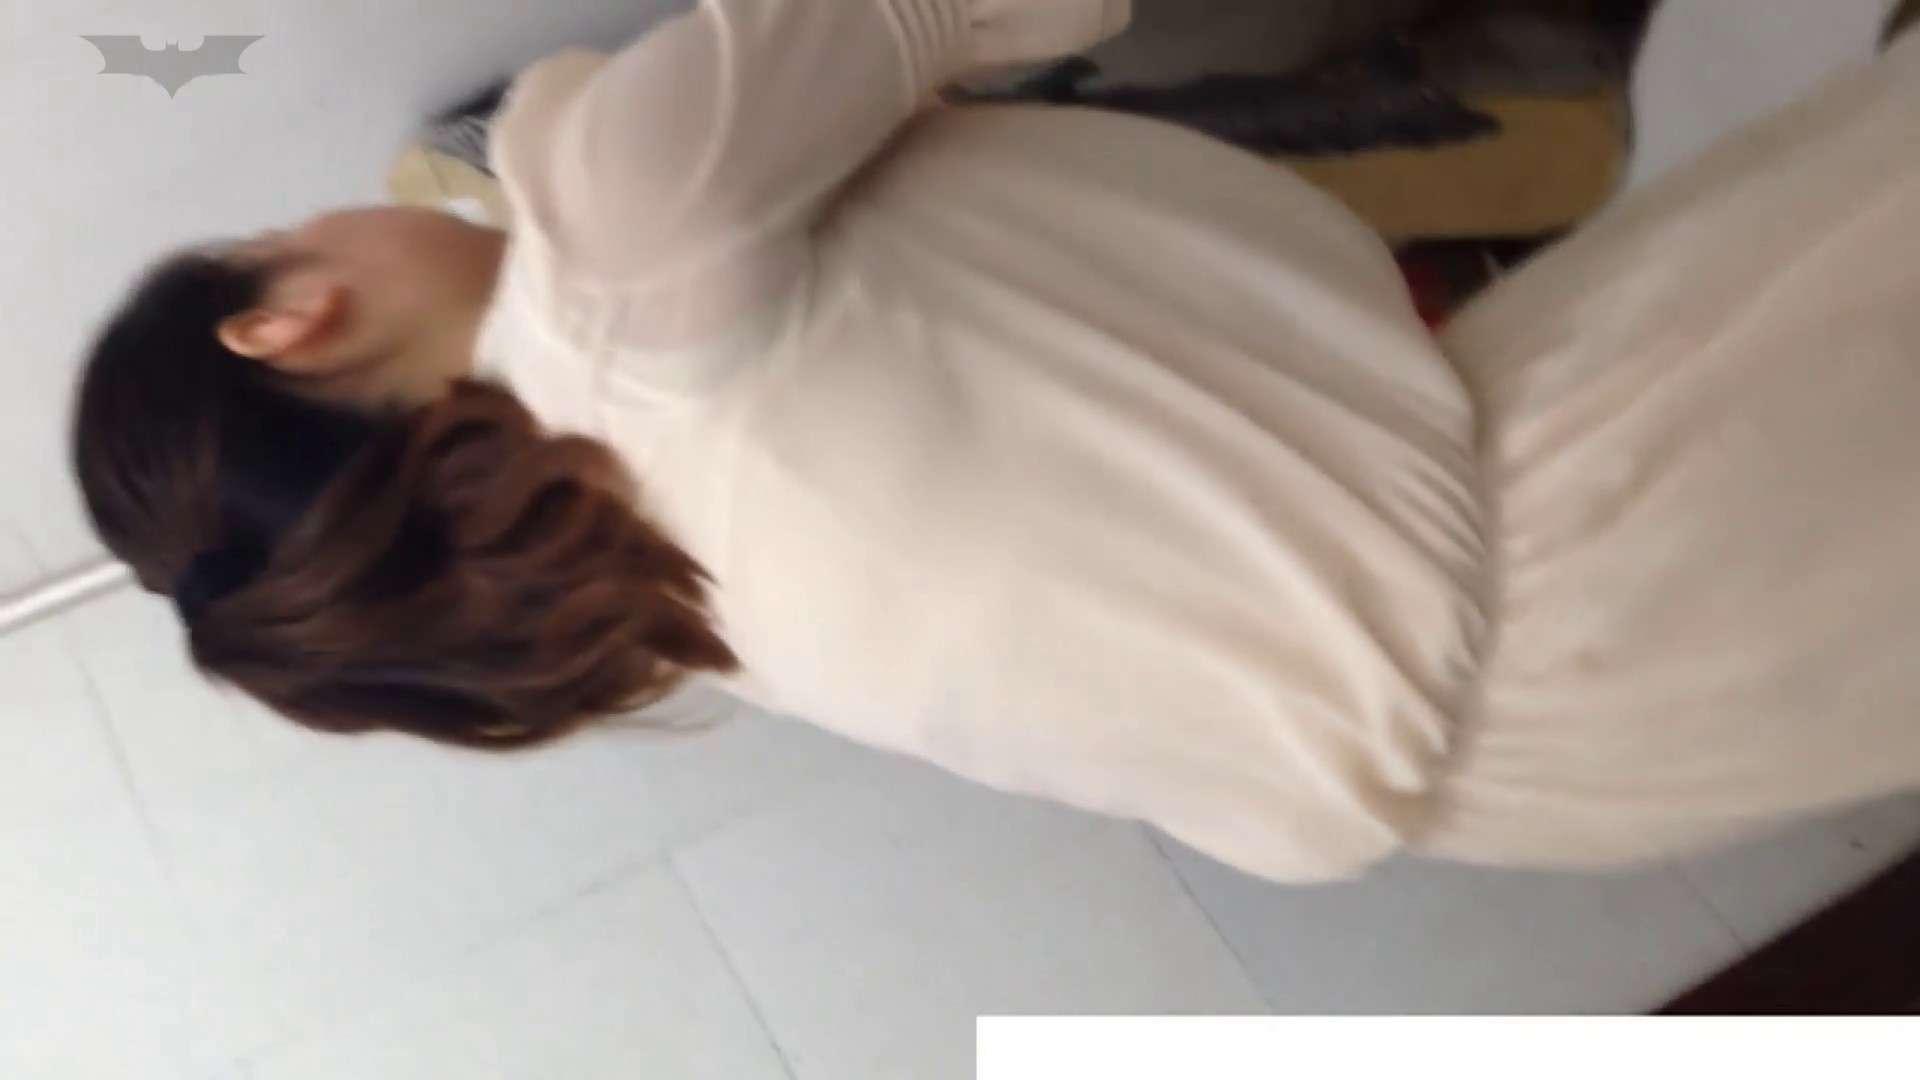 JD盗撮 美女の洗面所の秘密 Vol.20 エッチな盗撮 オマンコ無修正動画無料 94pic 80